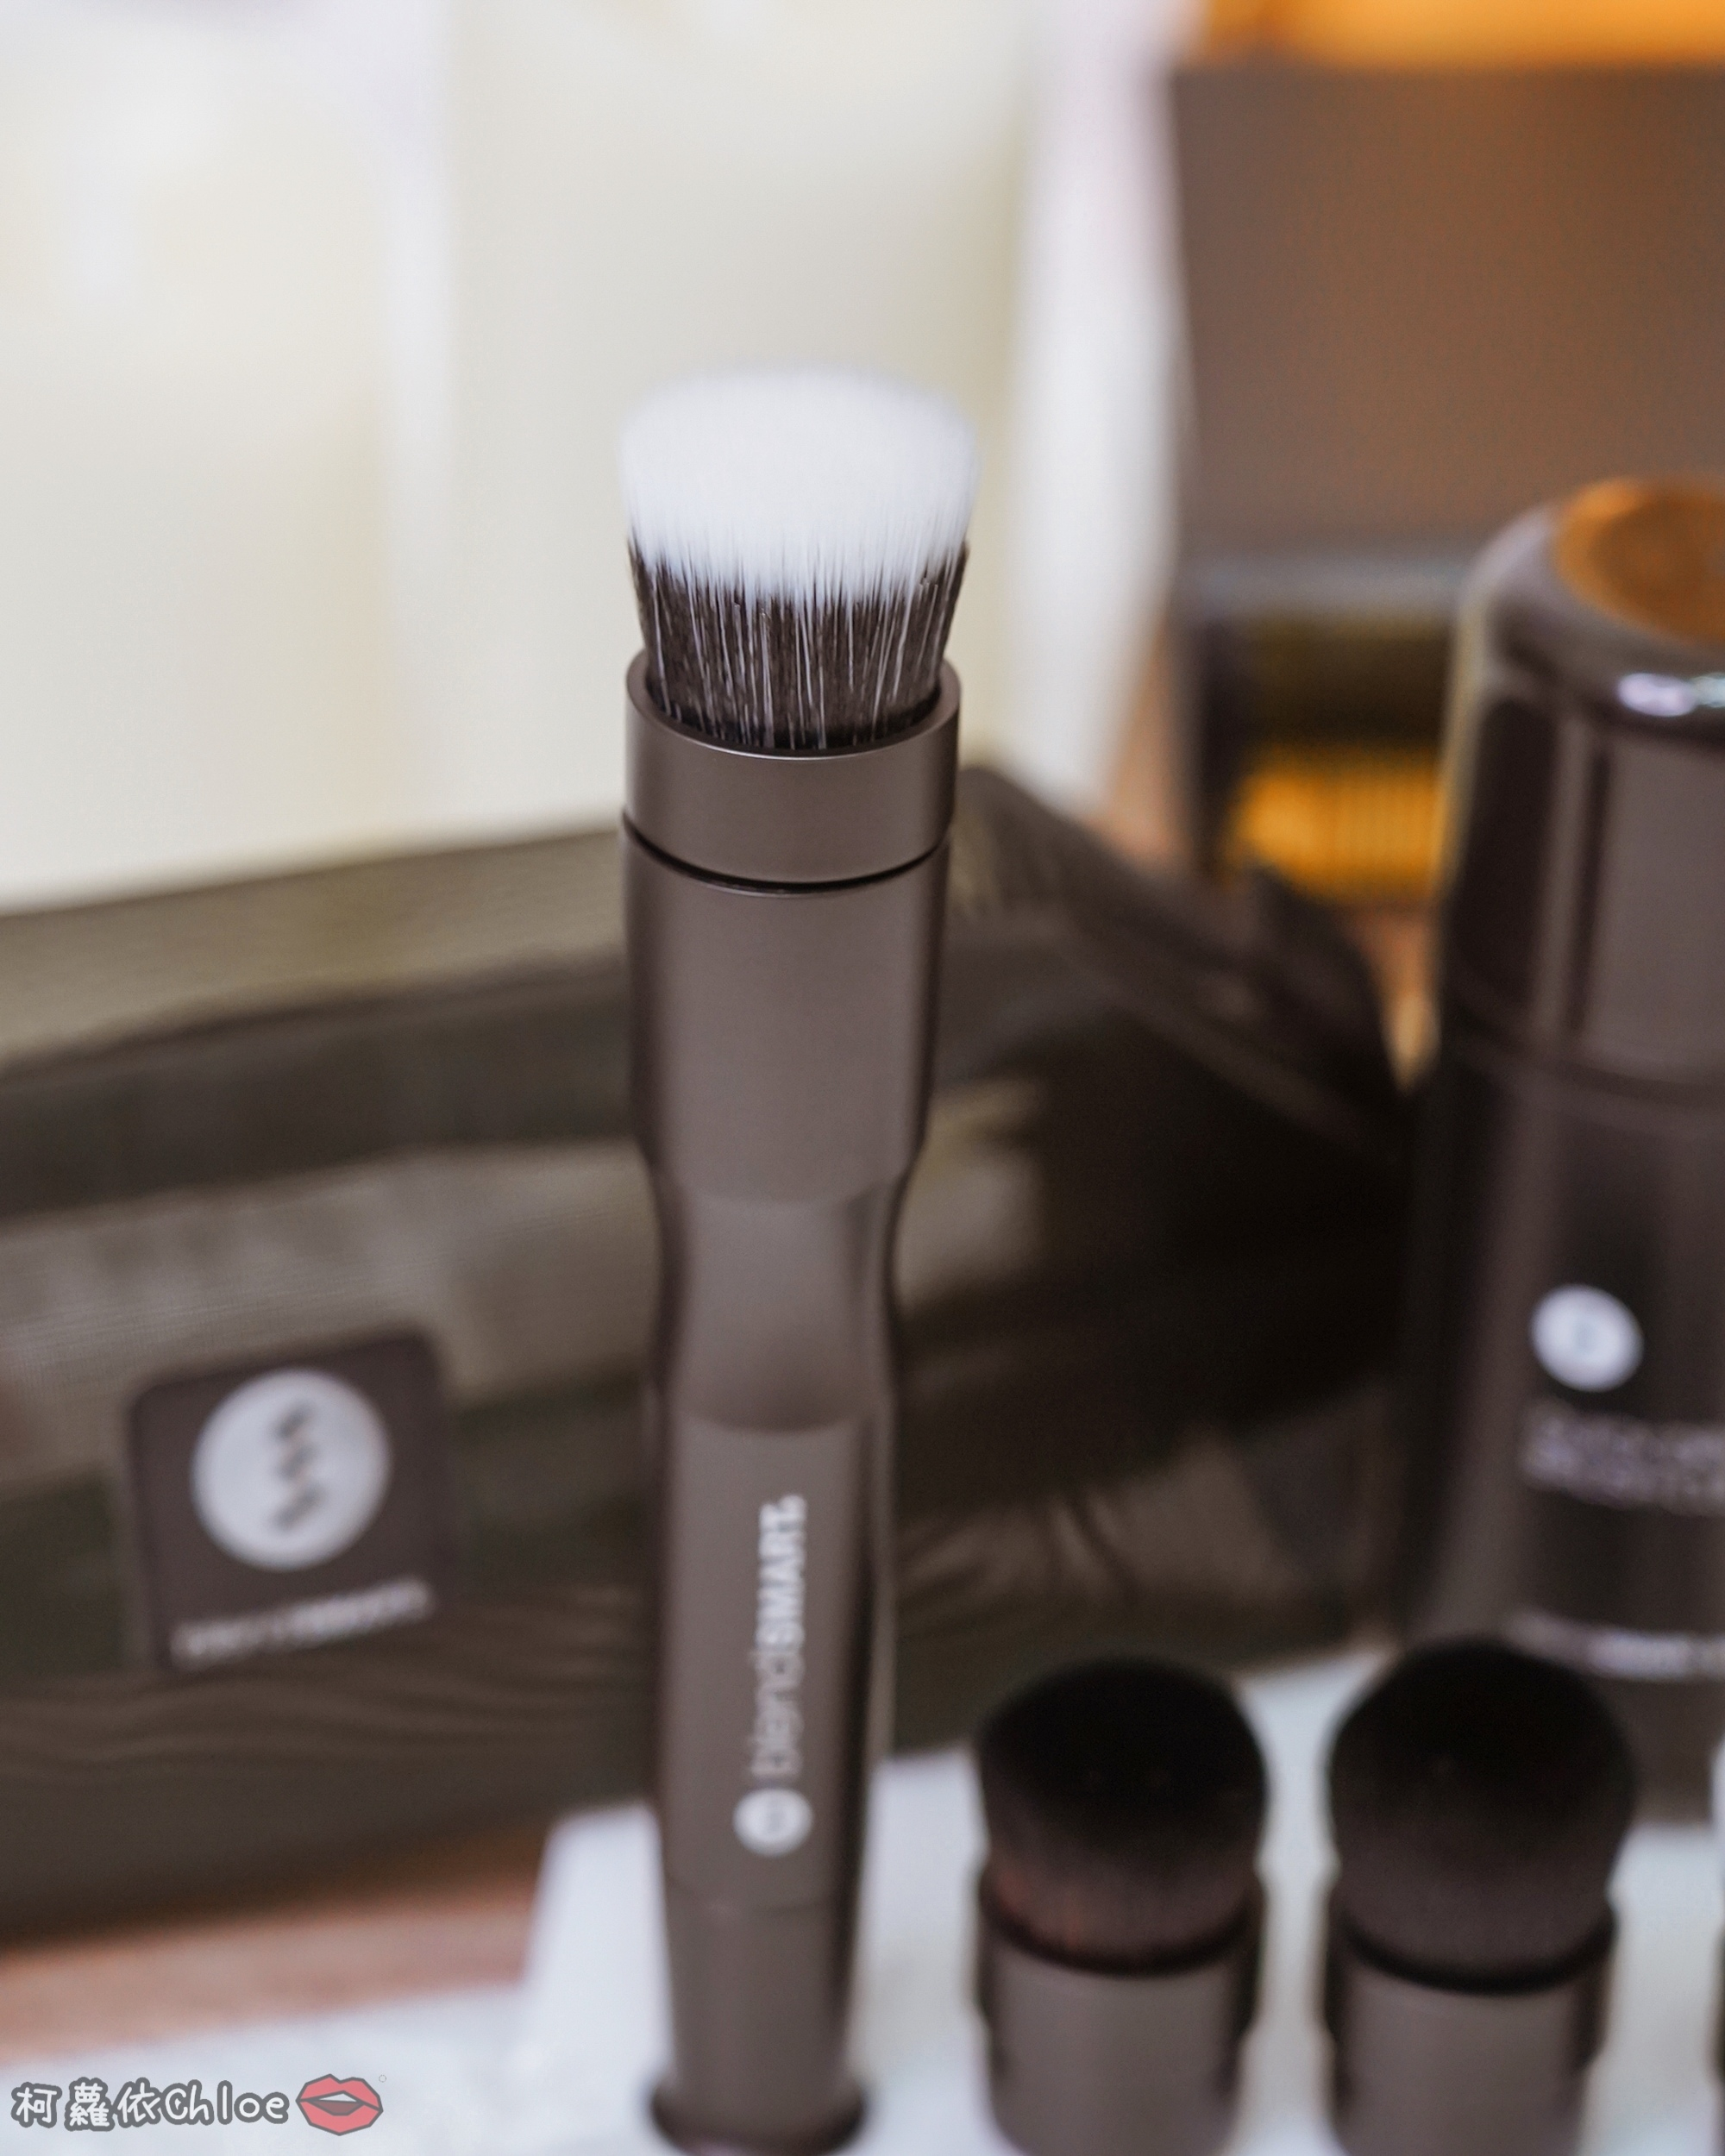 彩妝工具推薦 blendSMART電動化妝刷 達人套裝開箱 上妝輕柔更有效率13.jpg